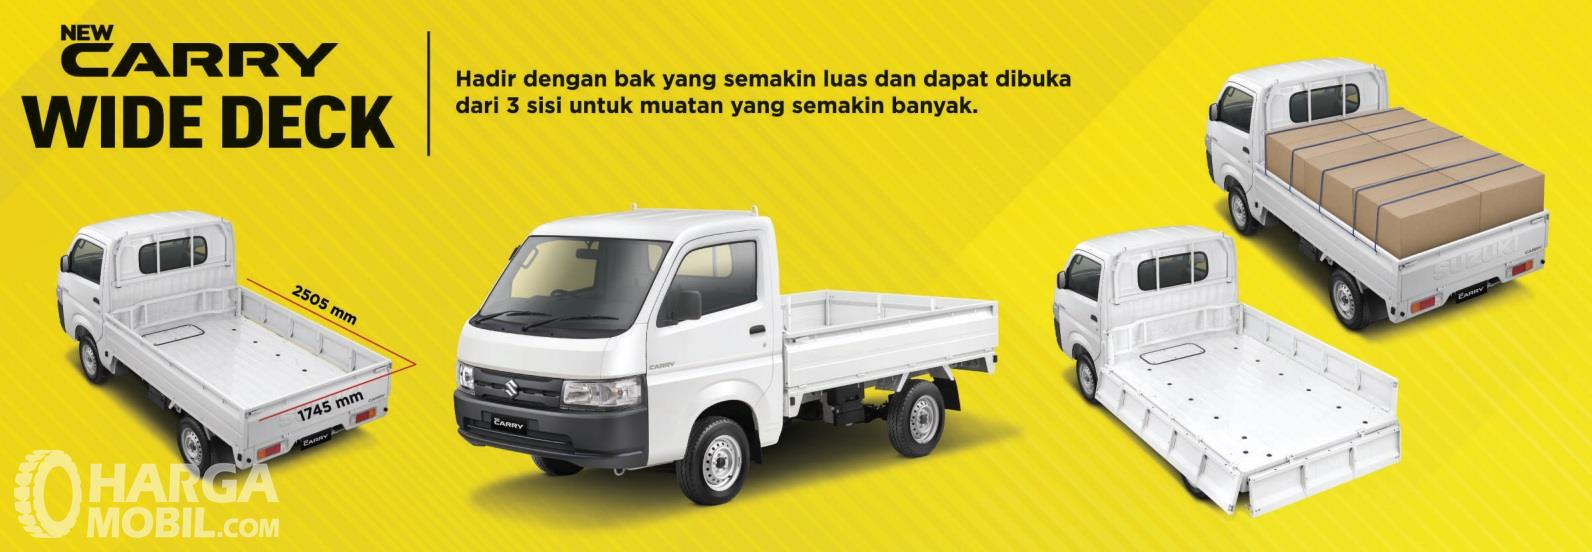 Suzuki New Carry Pick Up Wide Deck 2019 hadirkan model pintu bak 3-Way